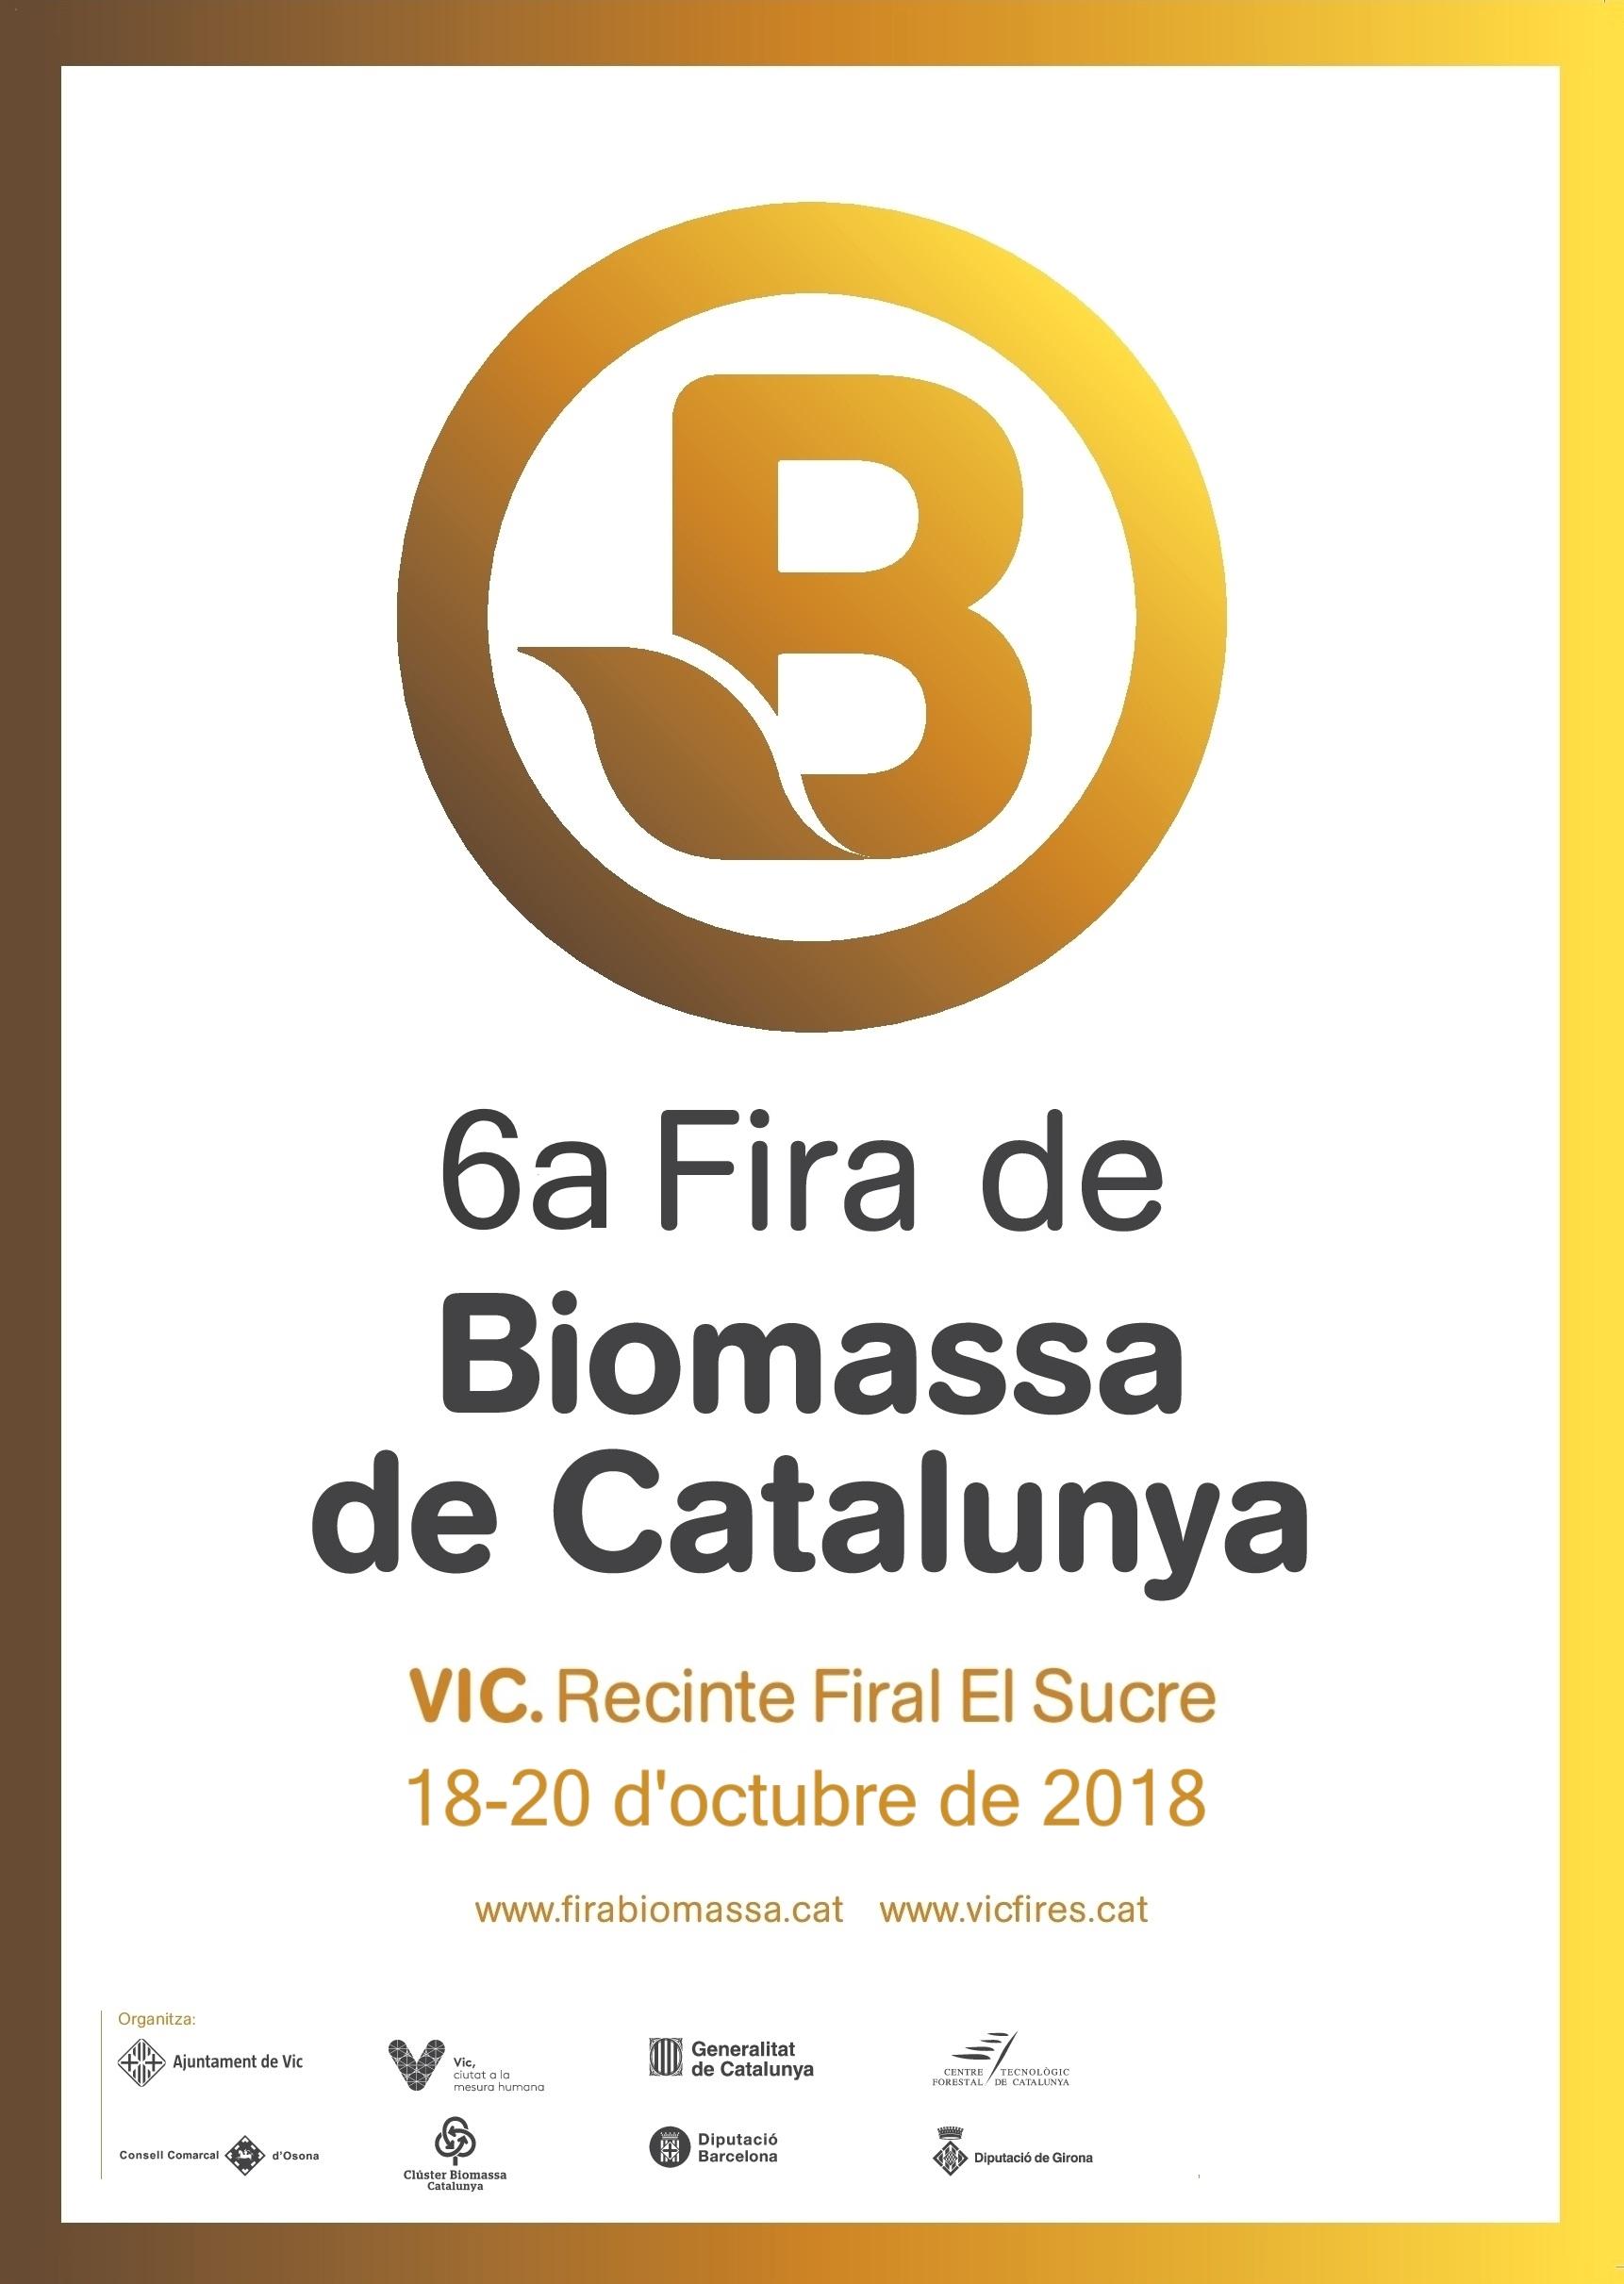 Fira de Biomassa de Catalunya | Saló del Biogàs i Tractaments Purins